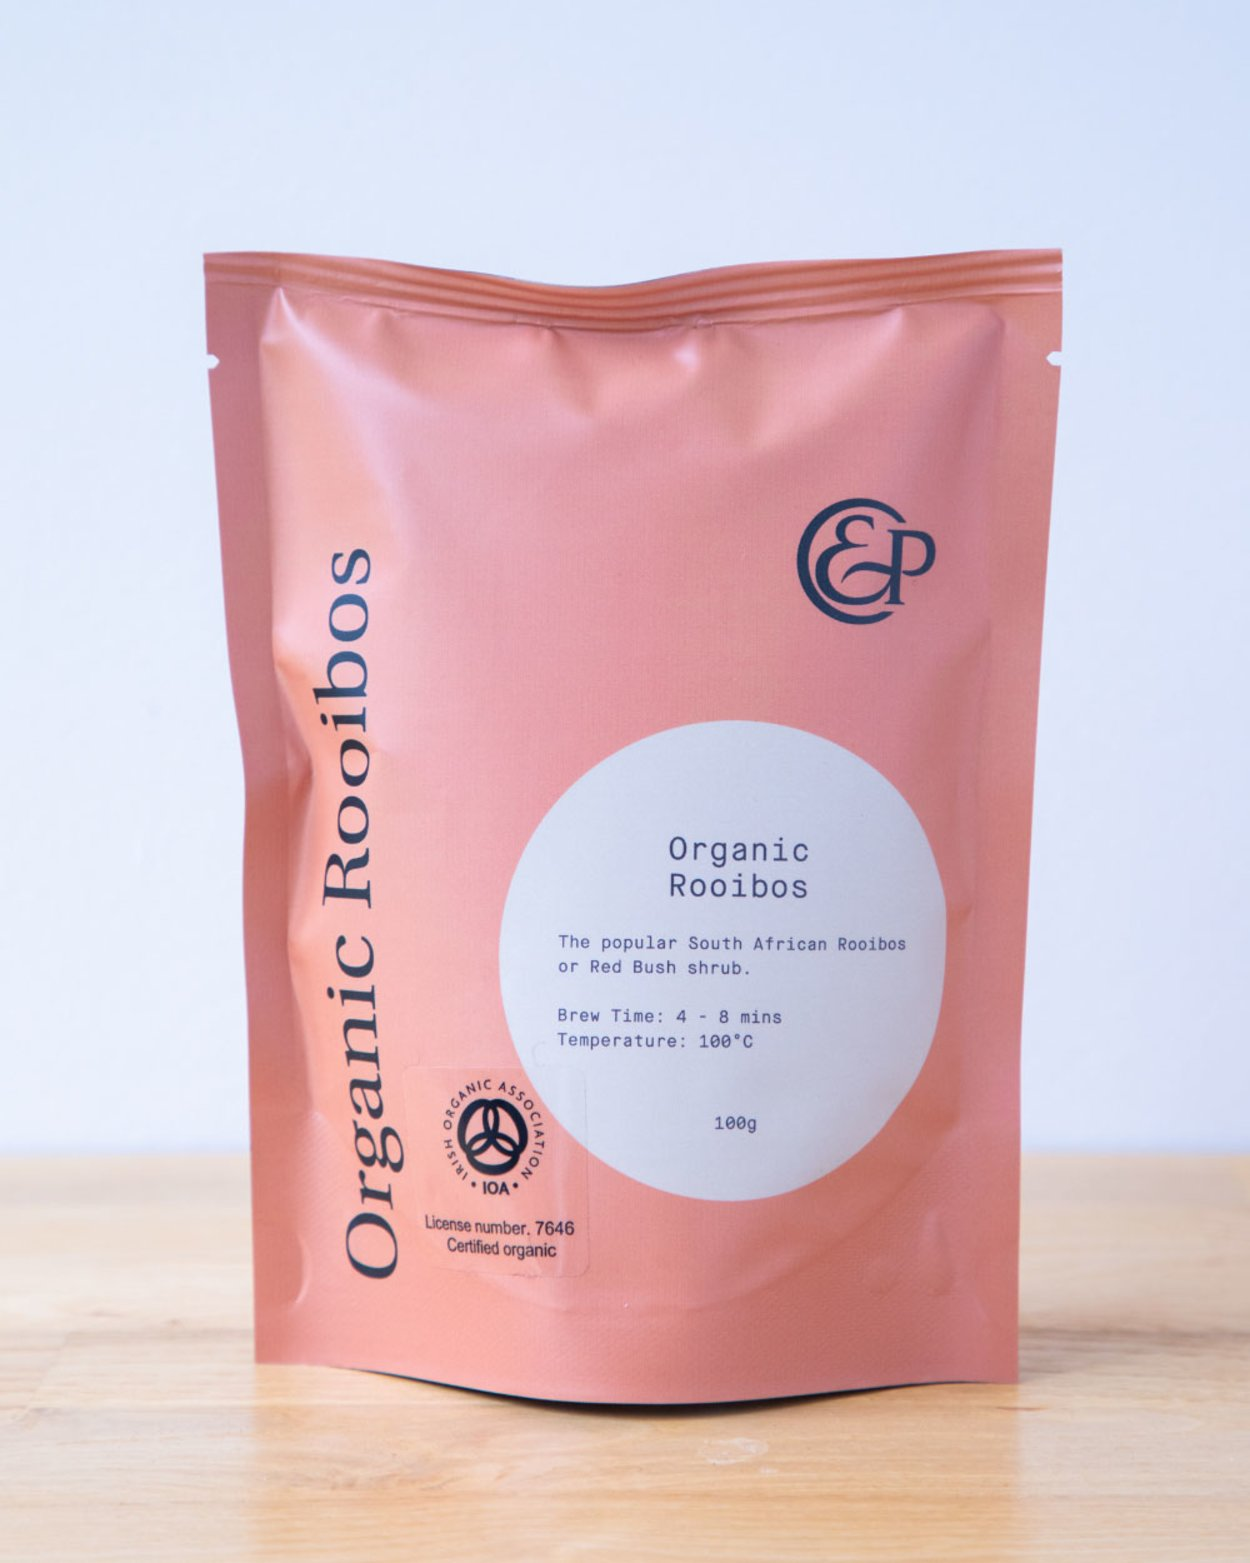 Organic Rooibos Loose Leaf Tea